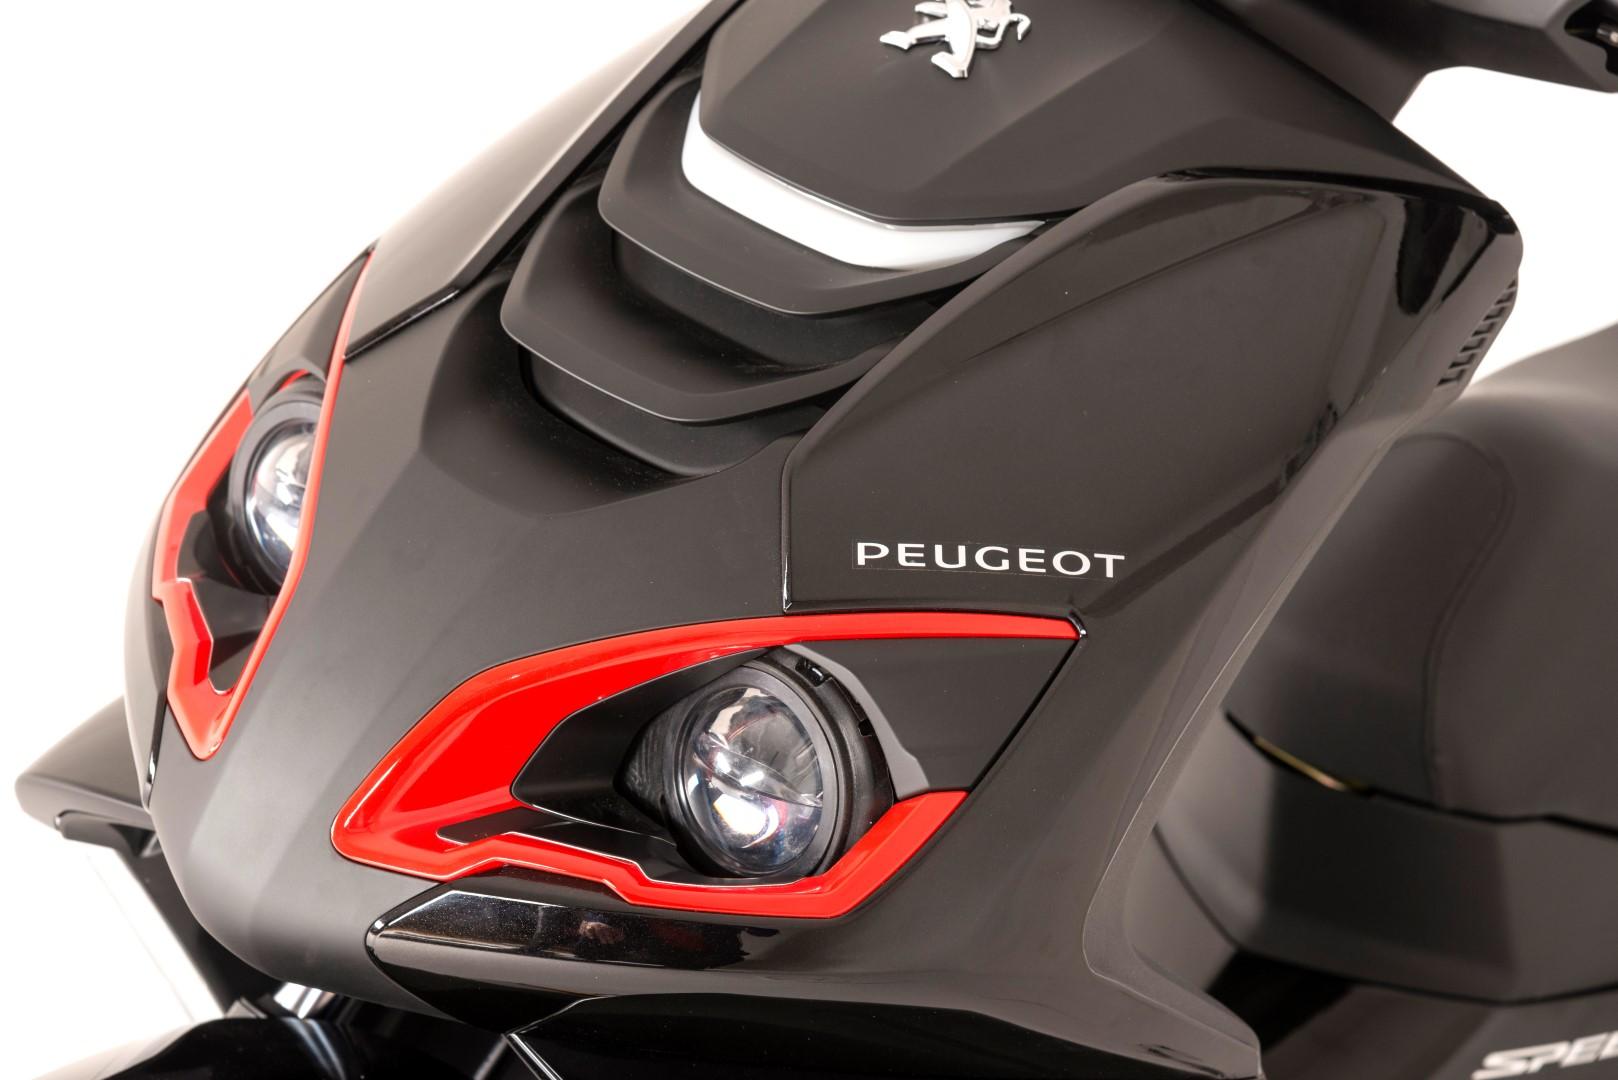 Novedades Peugeot 2017 fotos